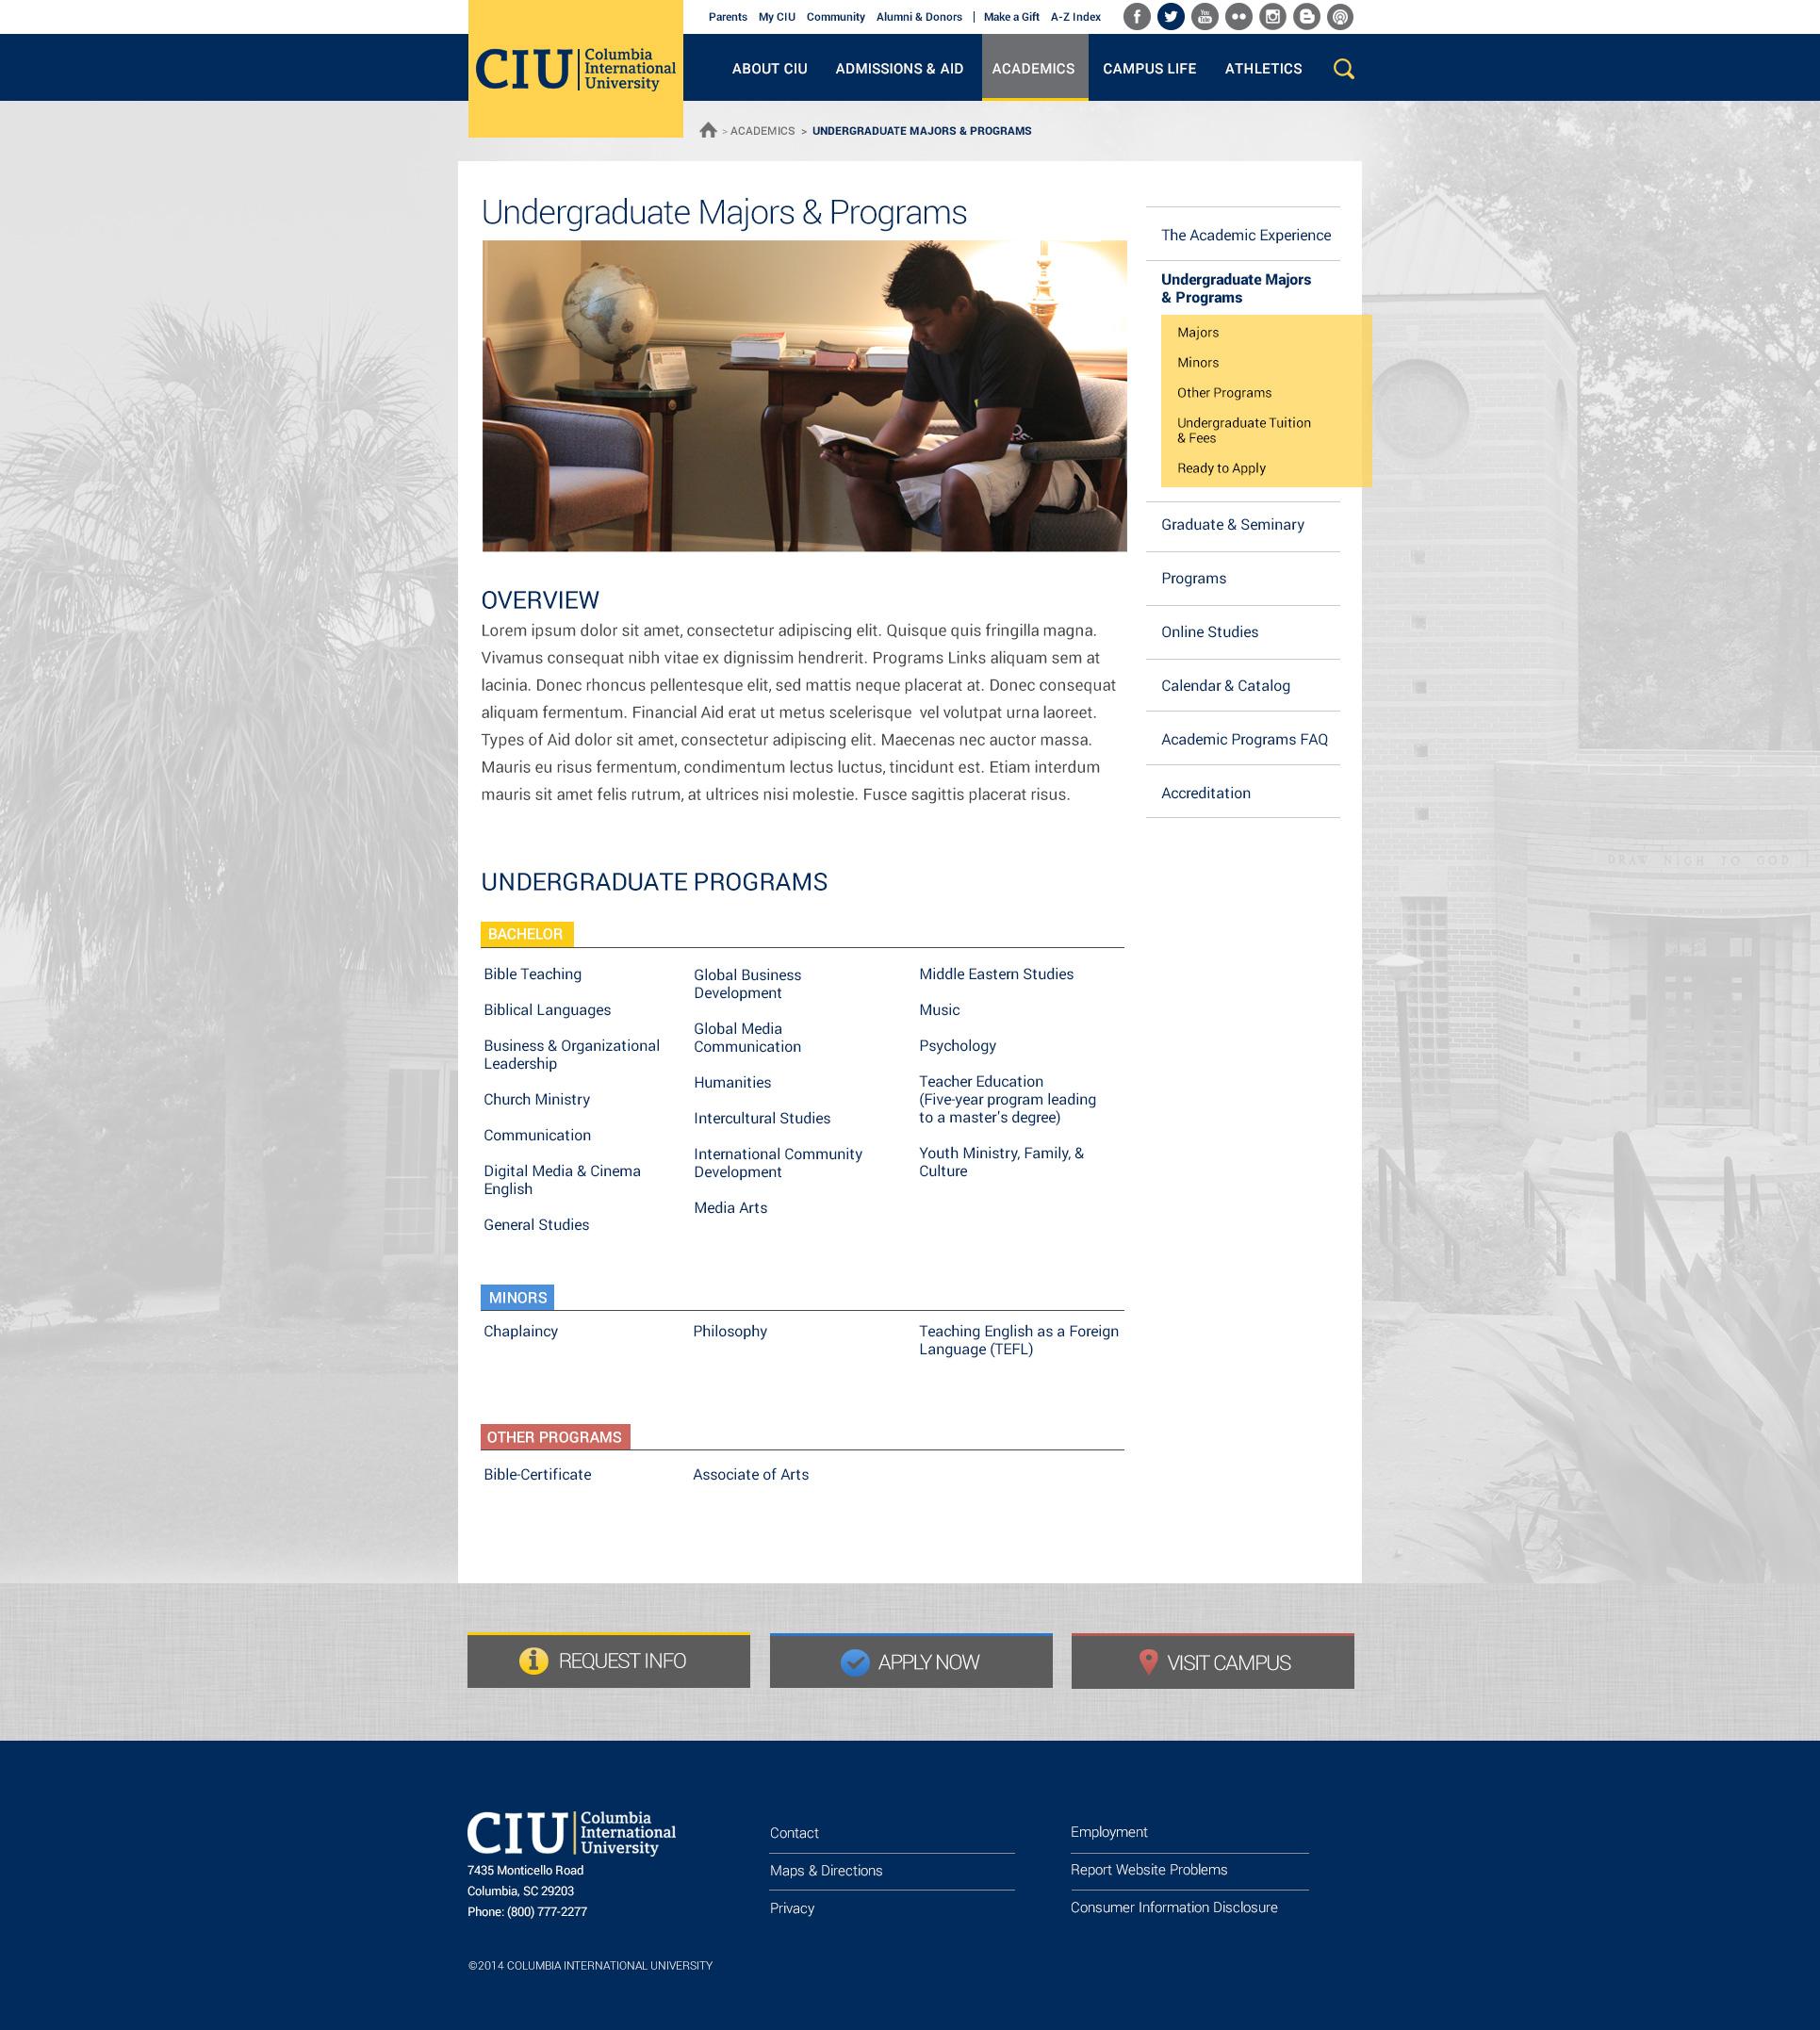 CIU-UndergraduateMajors-960